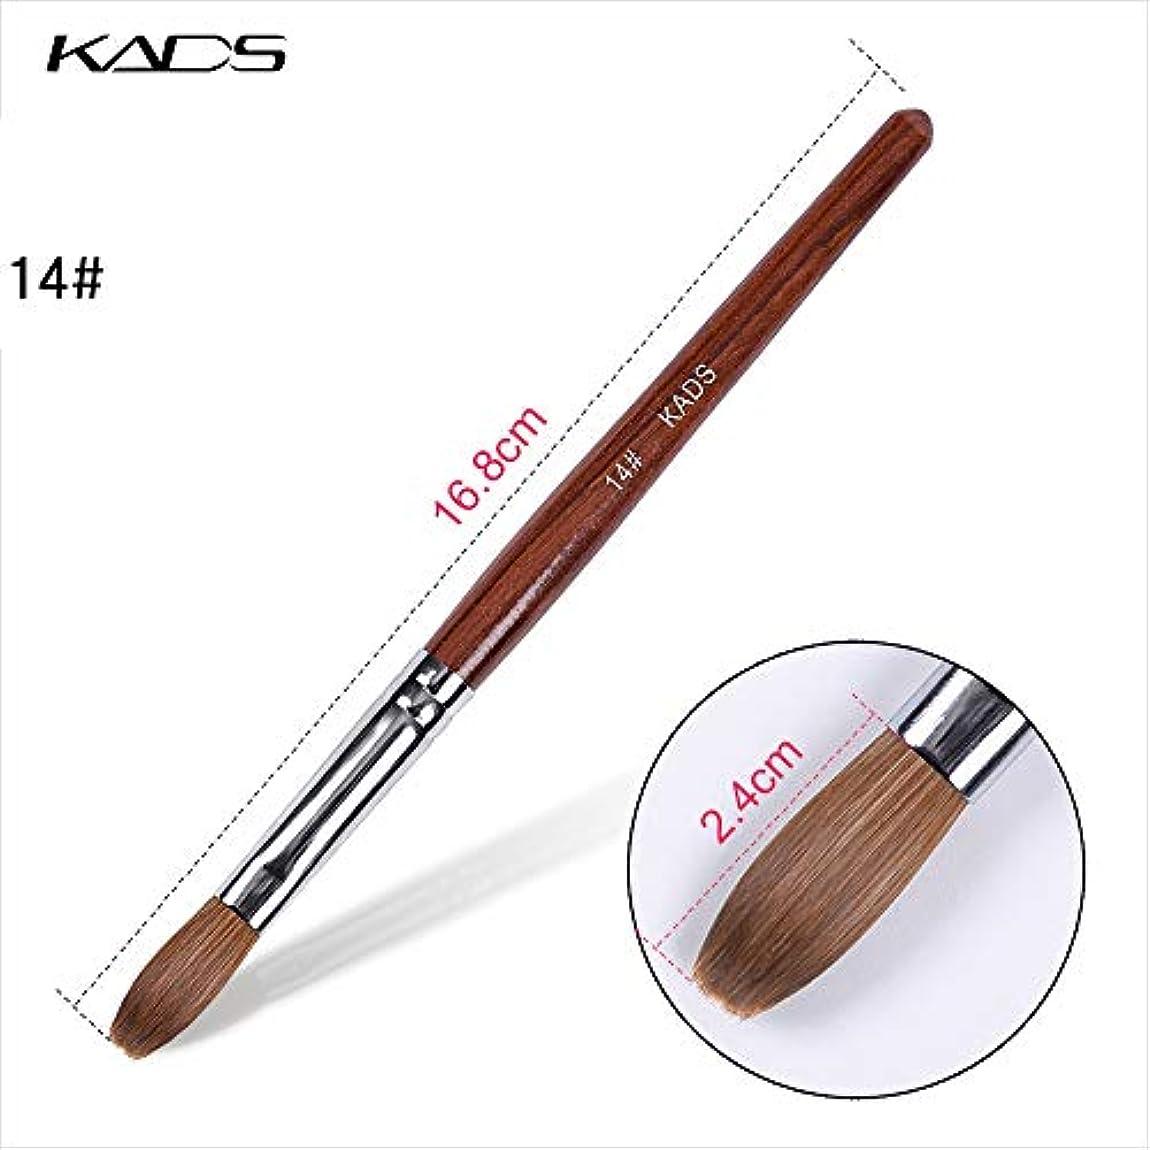 背が高い保守可能このKADS ネイル用筆 高品質コリンスキー製 14# ウッドハンドル 高級感 スカルプネイル用筆 ネイルアート専用ブラシ (14#)